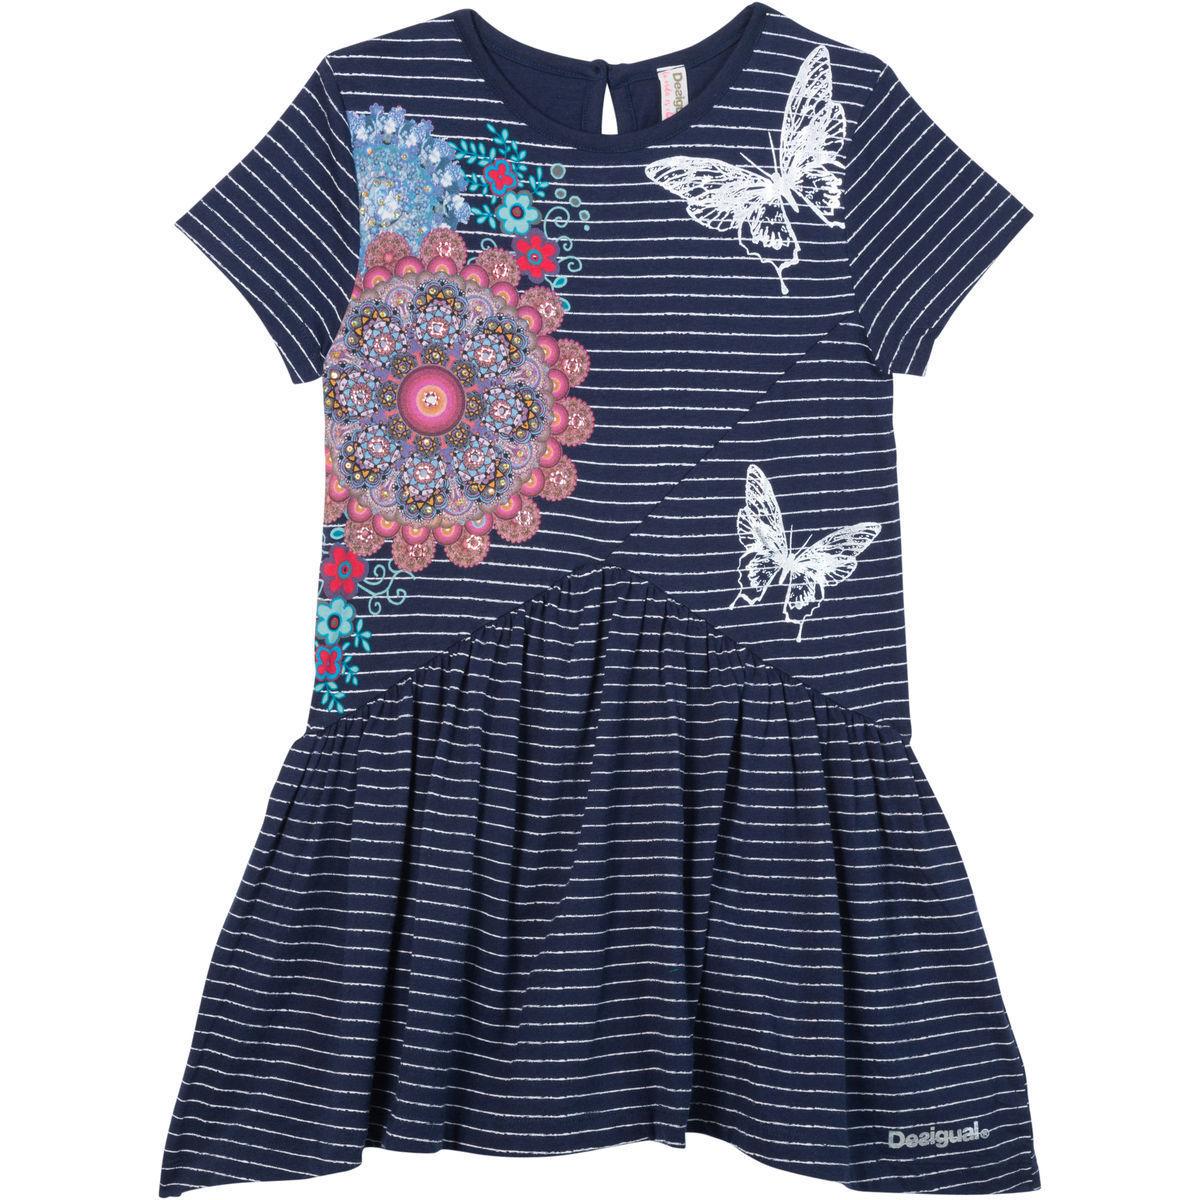 Bild 1 von Desigual Mädchen Kleid mit Print, gestreift